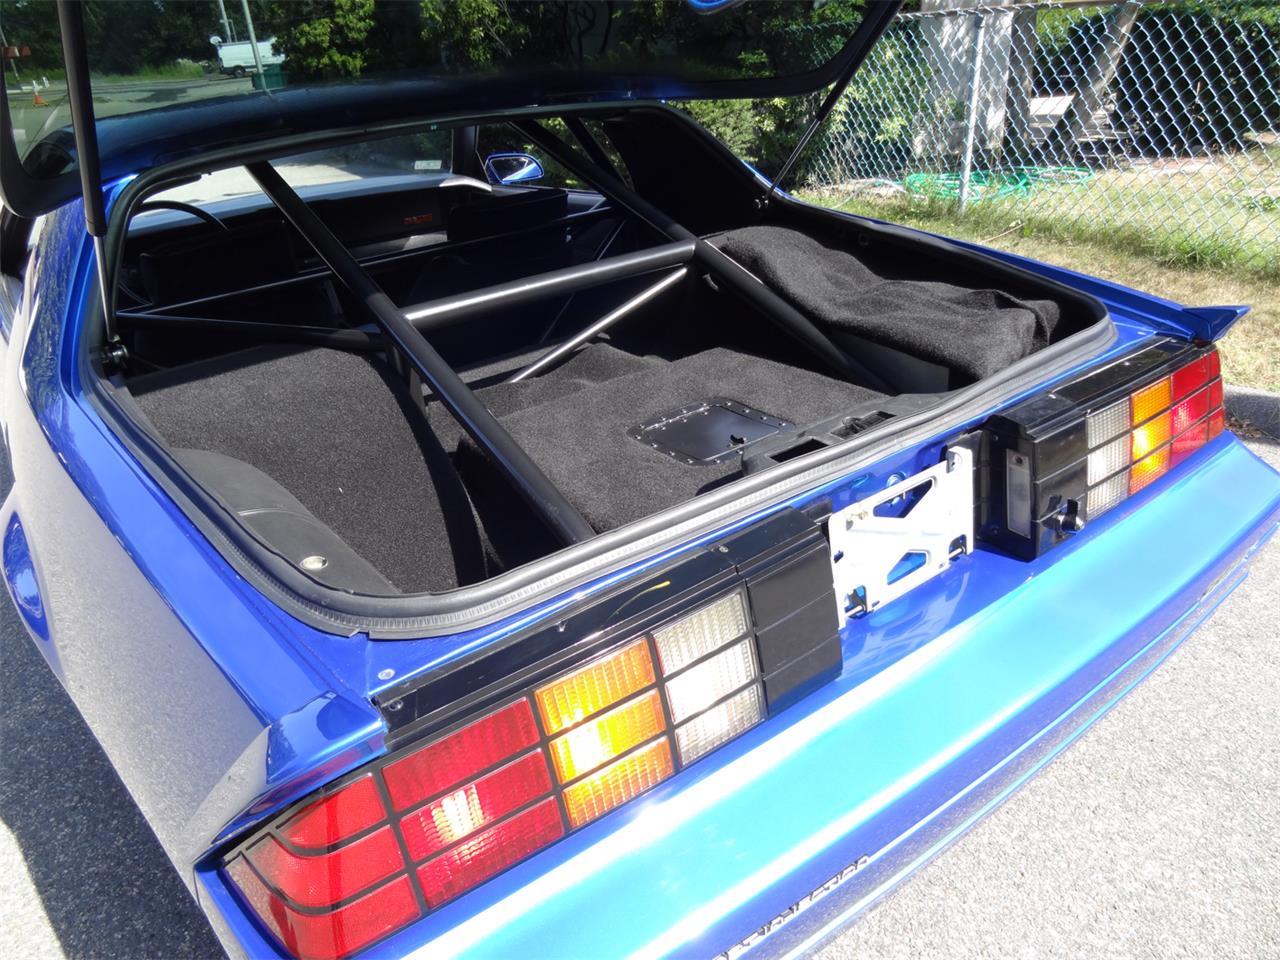 Large Picture of '83 Camaro IROC Z28 located in Hingham Massachusetts - QUEA